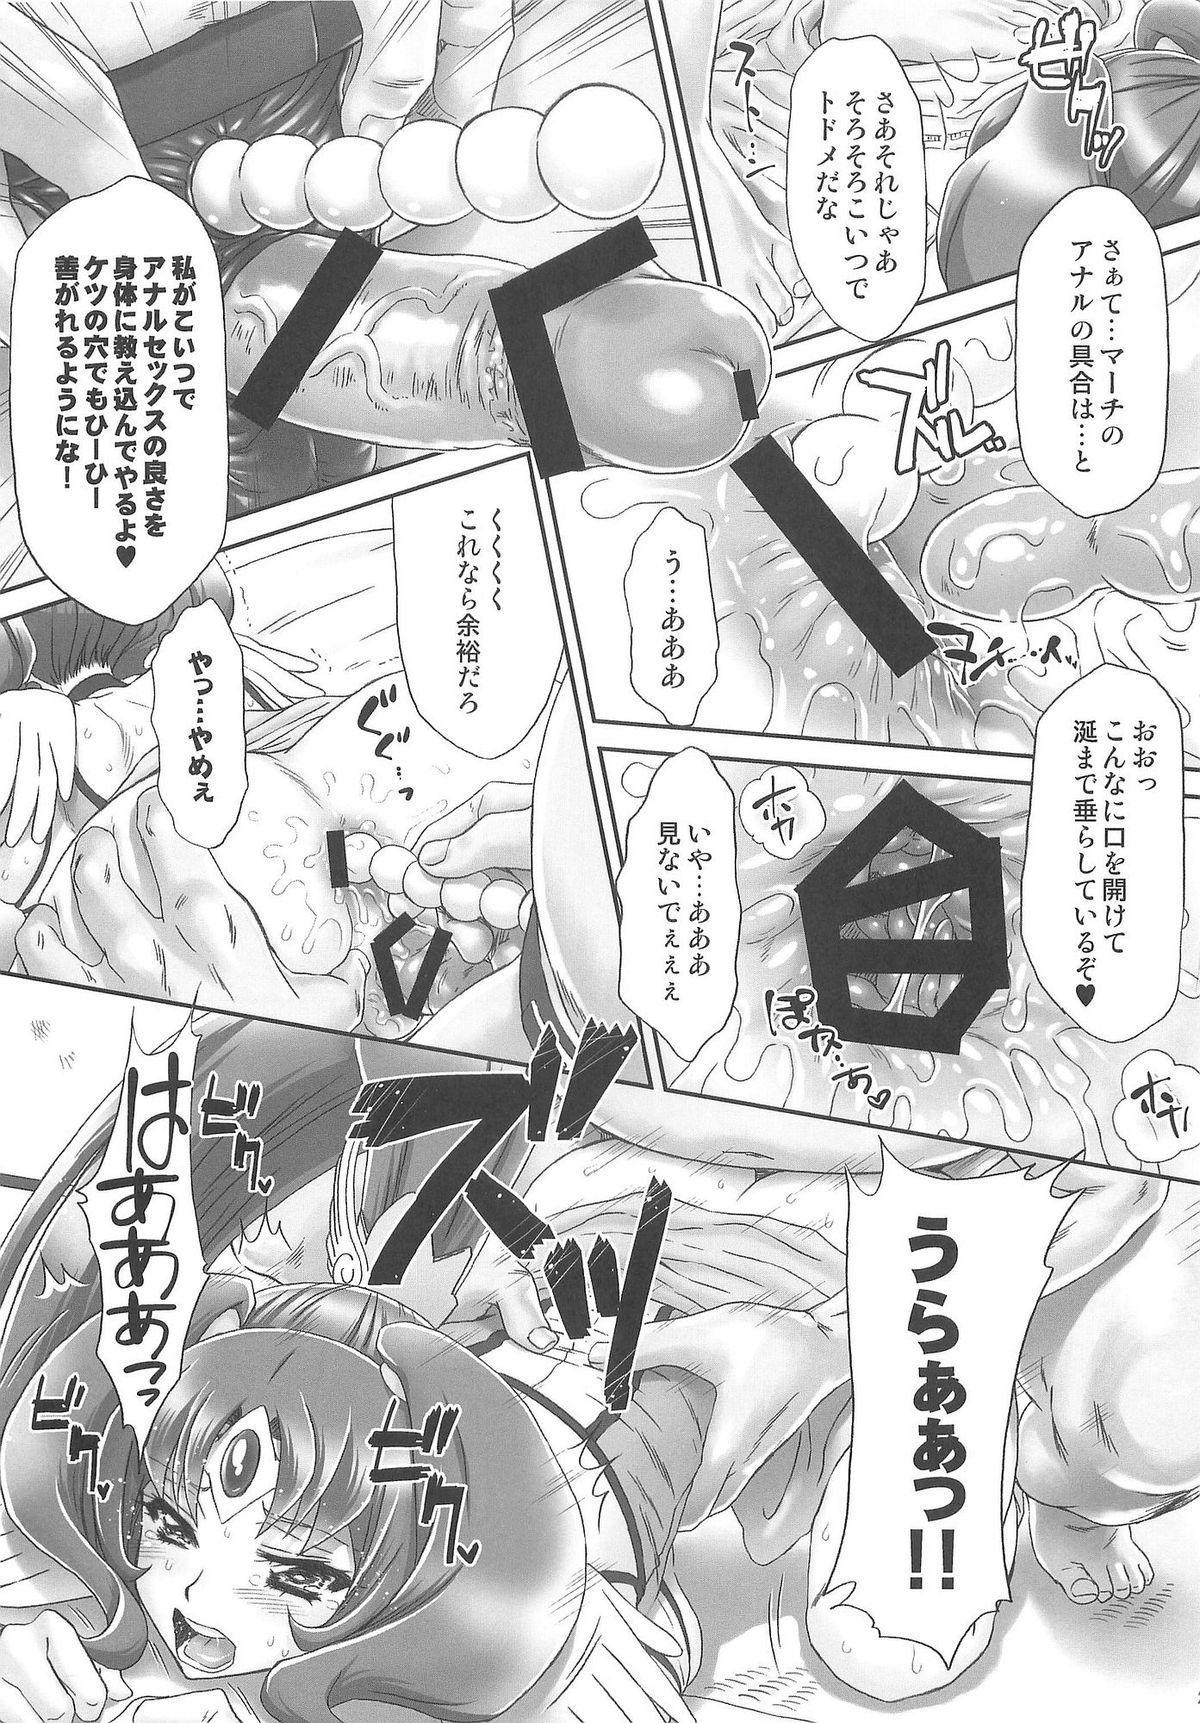 Nao-chan de Asobou 3 20